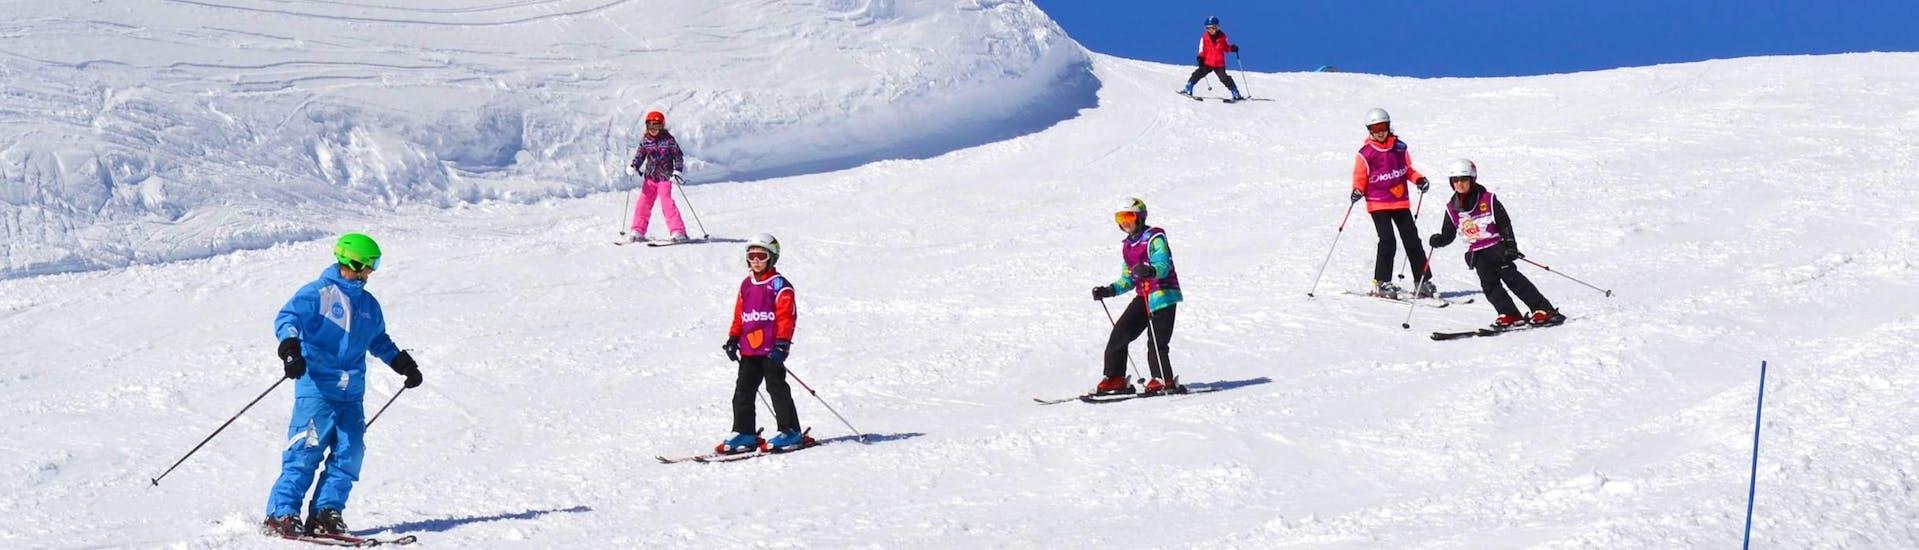 kids-ski-lessons-6-12-years-february-all-levels-esi-chatel-hero